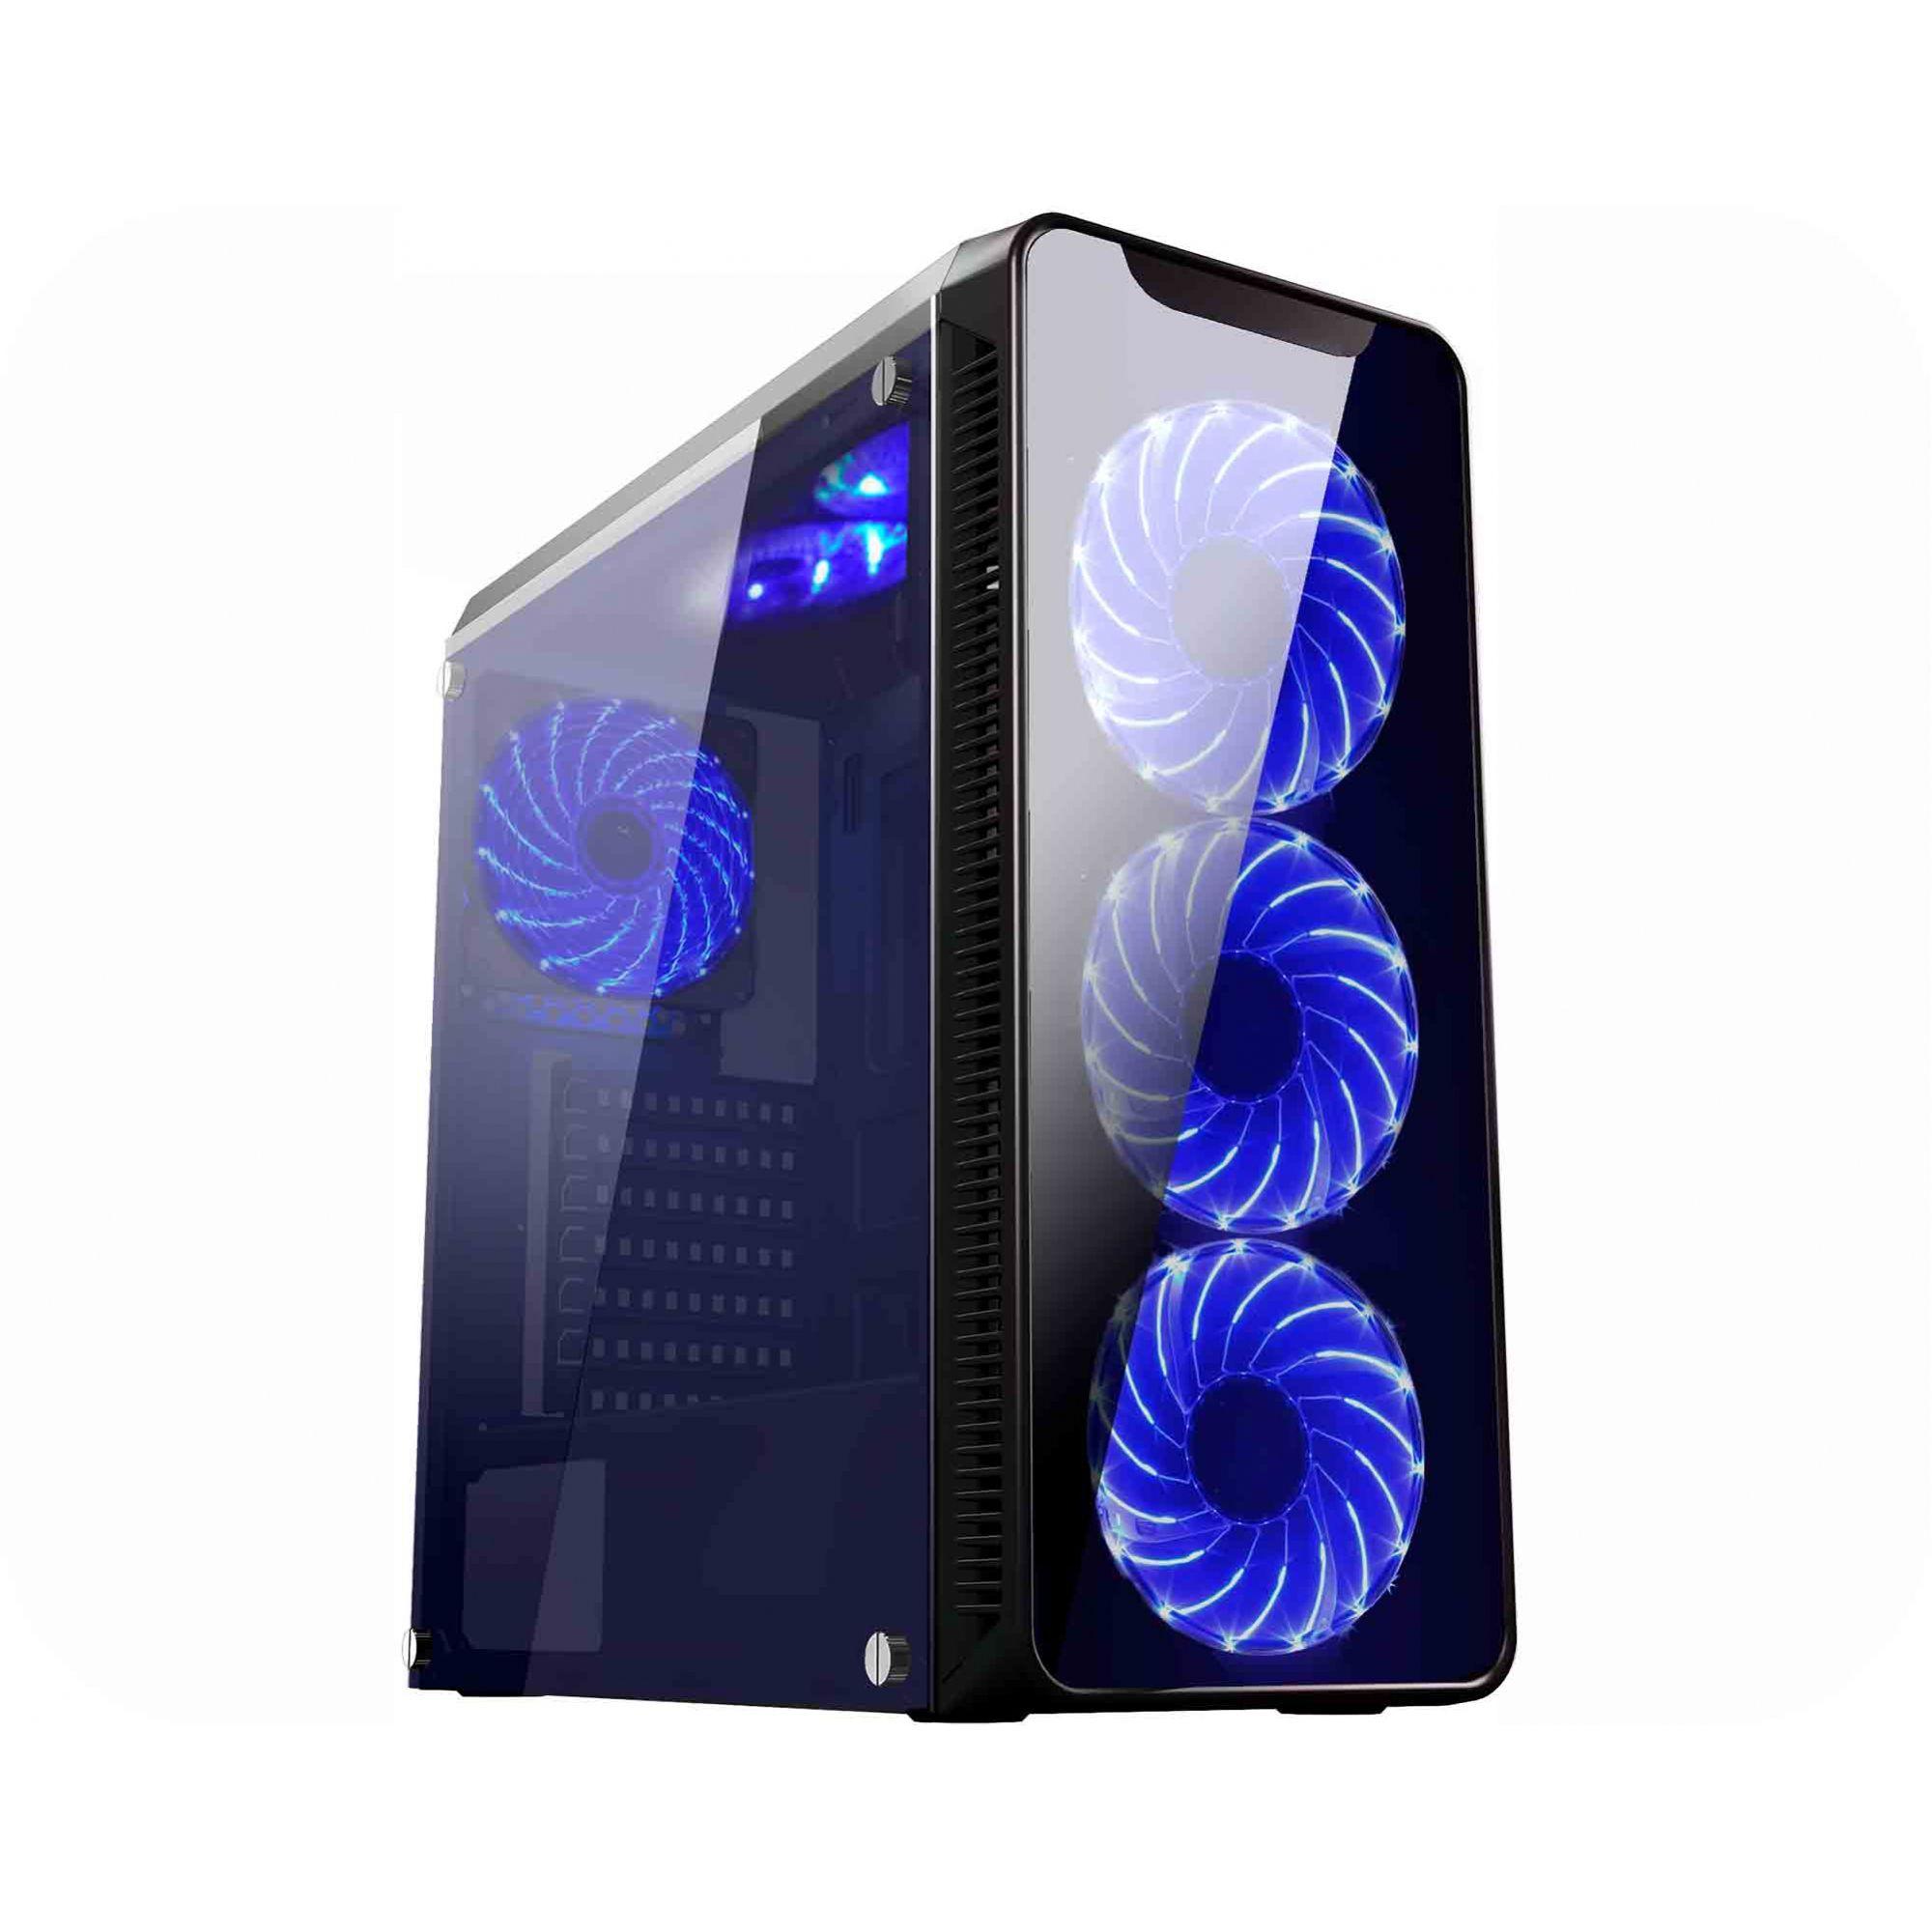 Computador Gamer Ryzen 7  , 8GB DDR4 Hyperx 2666mhz, Hd 1Tb, Geforce GTX 1650 SUPER 4GB, Fonte 500w